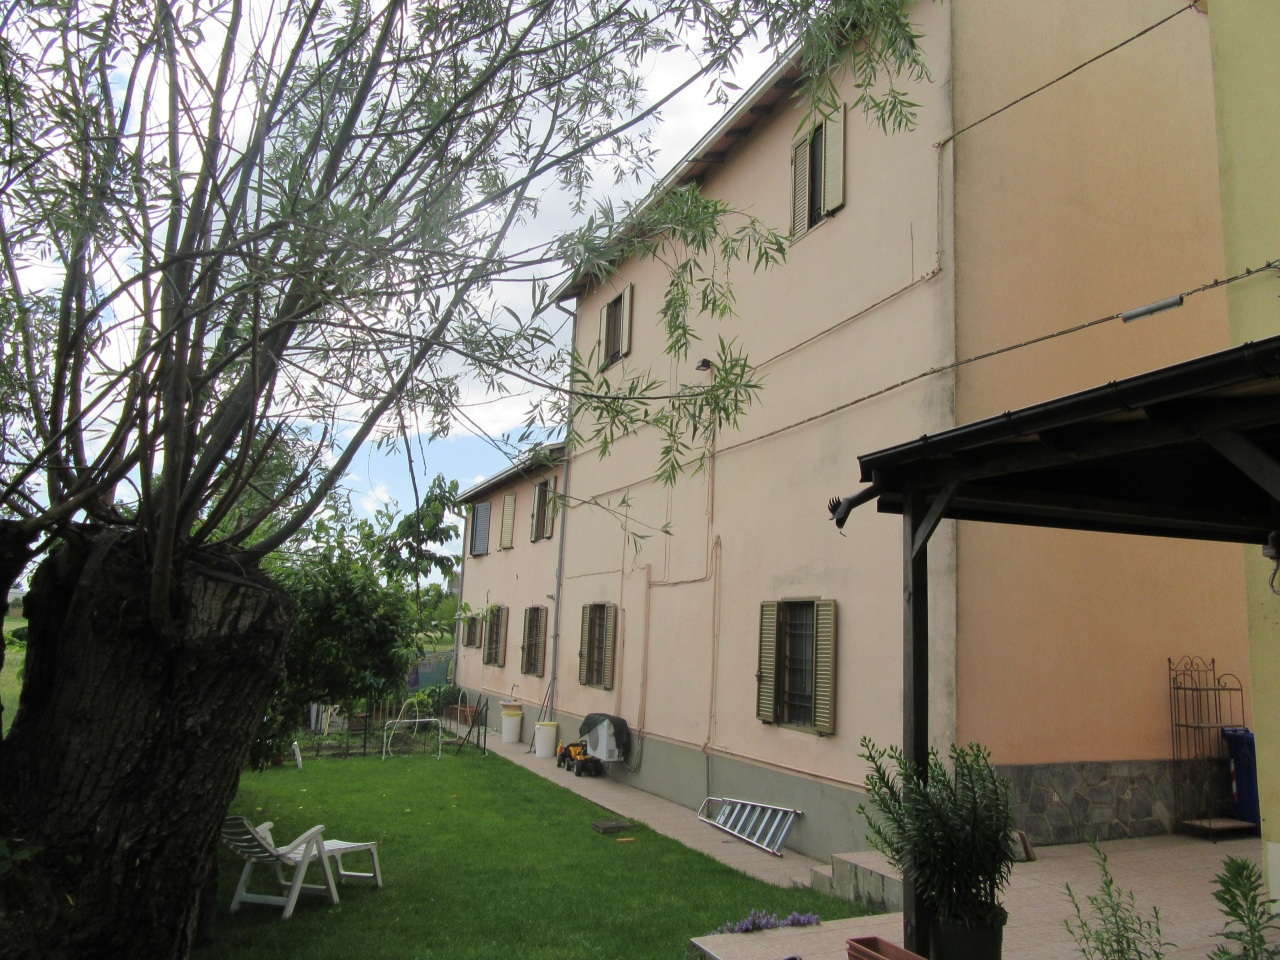 Soluzione Indipendente in vendita a Noceto, 10 locali, prezzo € 315.000 | Cambio Casa.it